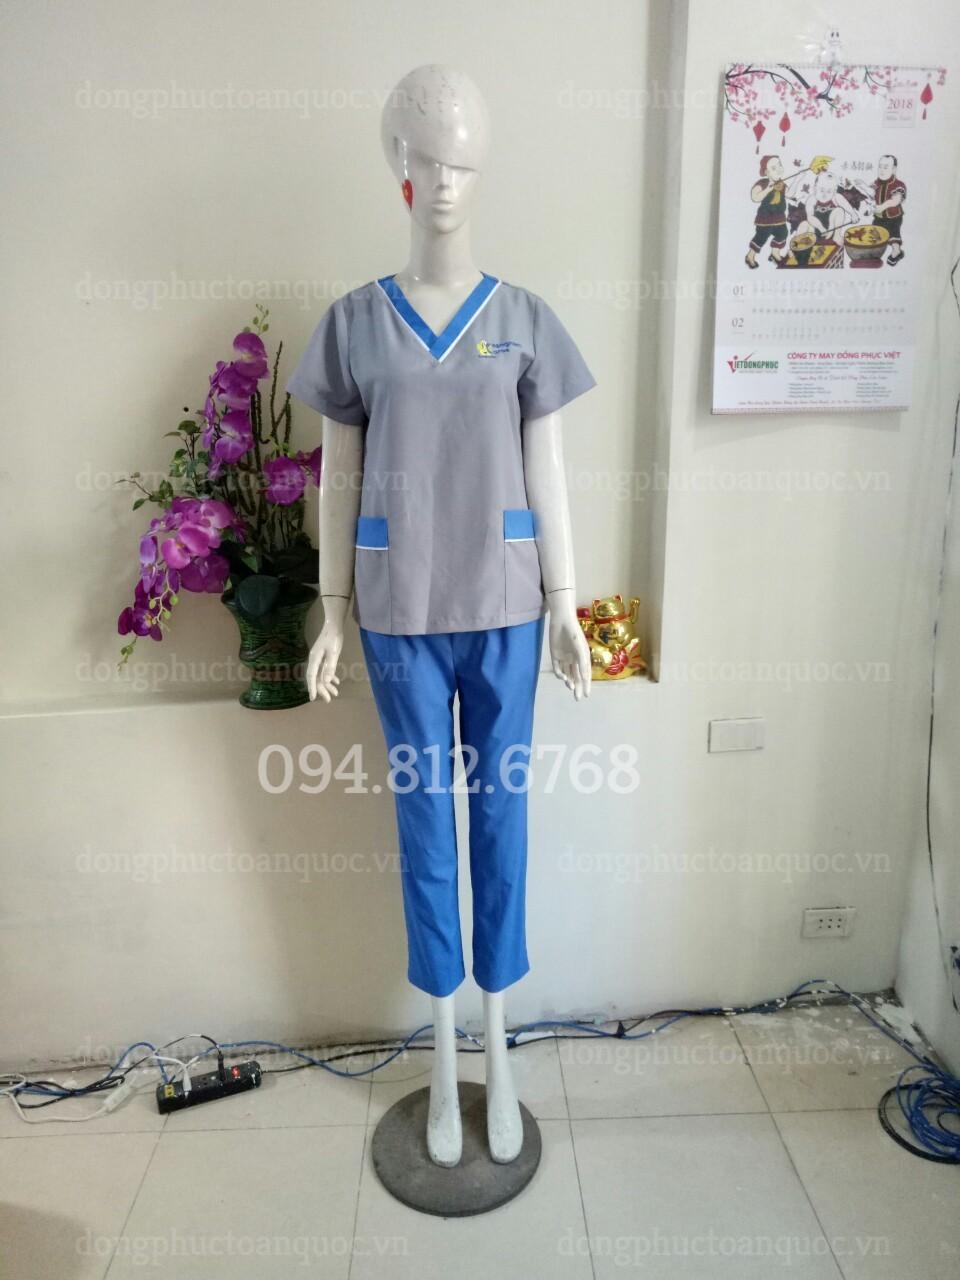 Mẫu đồng phục SPA, massag thiết kế ấn tượng và chuyên nghiệp tại ĐỒNG PHỤC VIỆT  99s